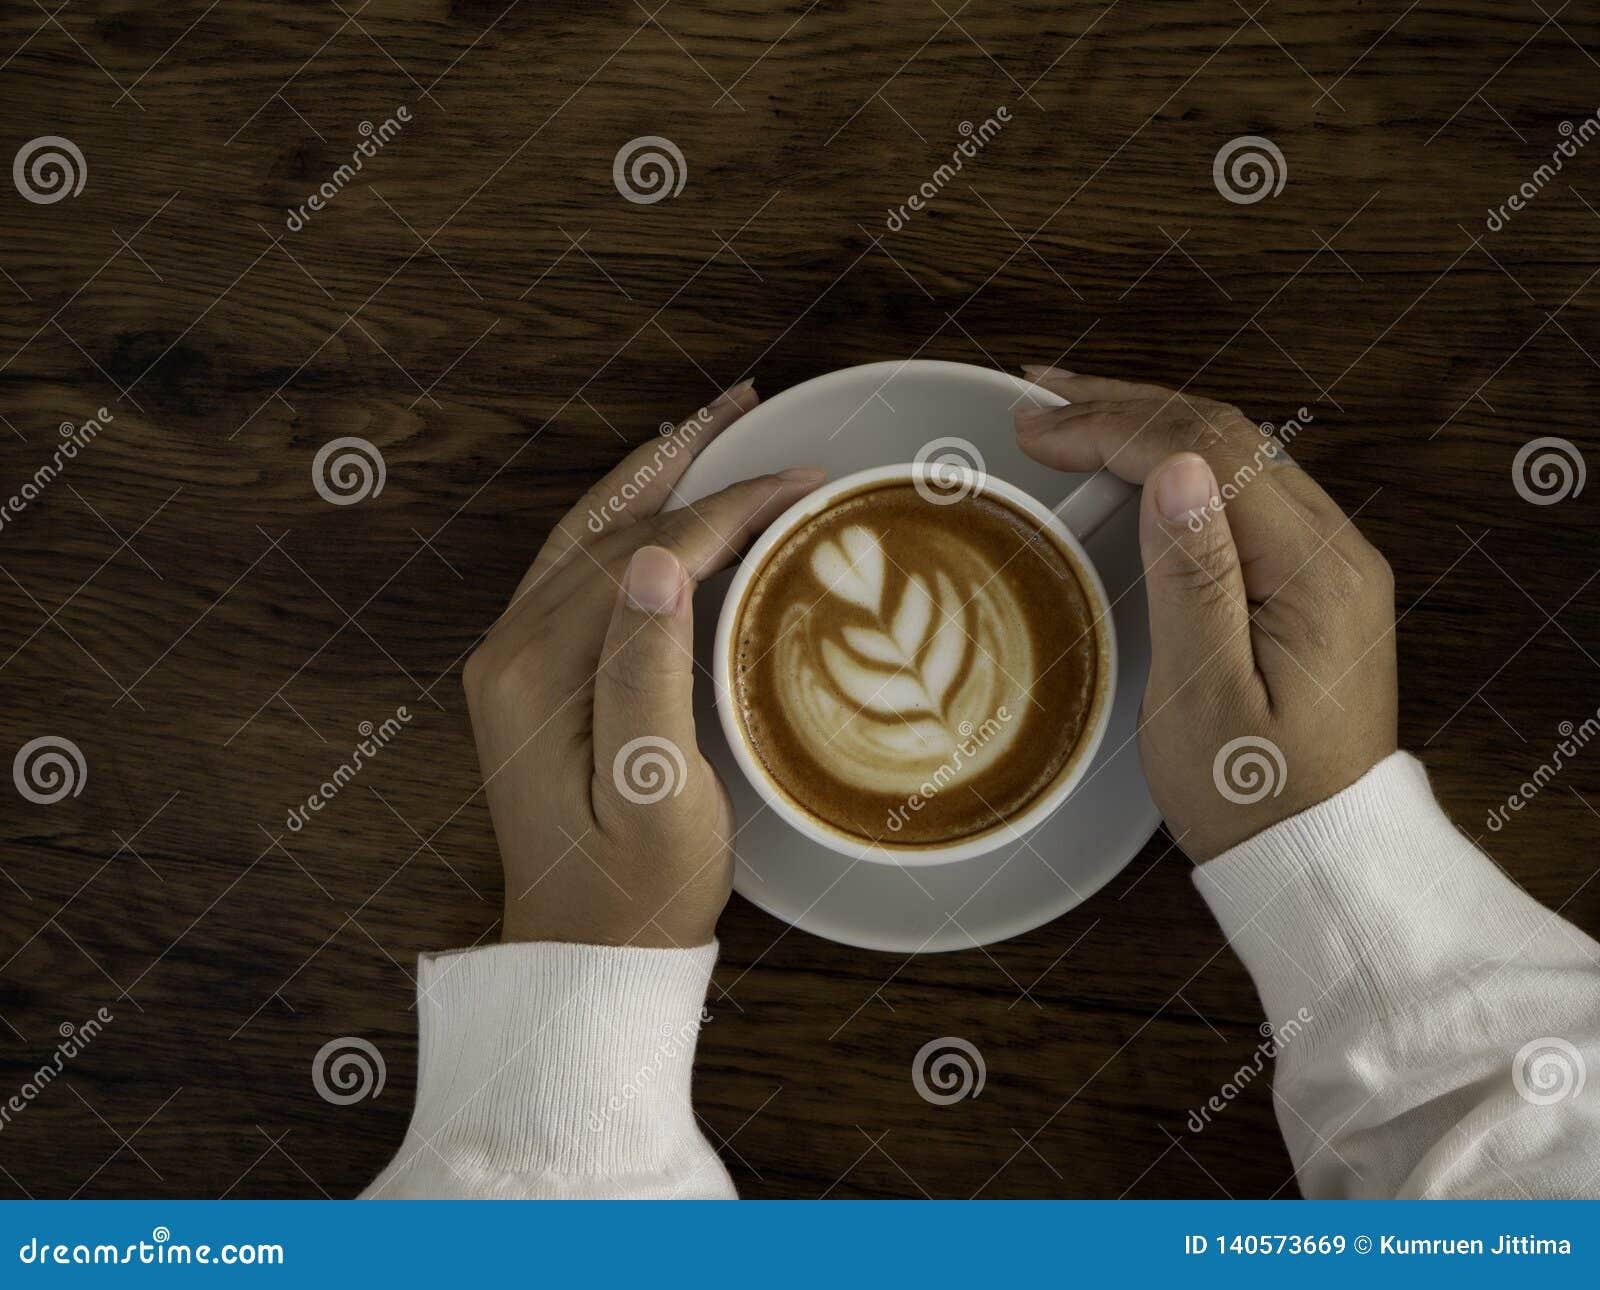 Kaffee Latte mit schöner Lattekunst an Hand